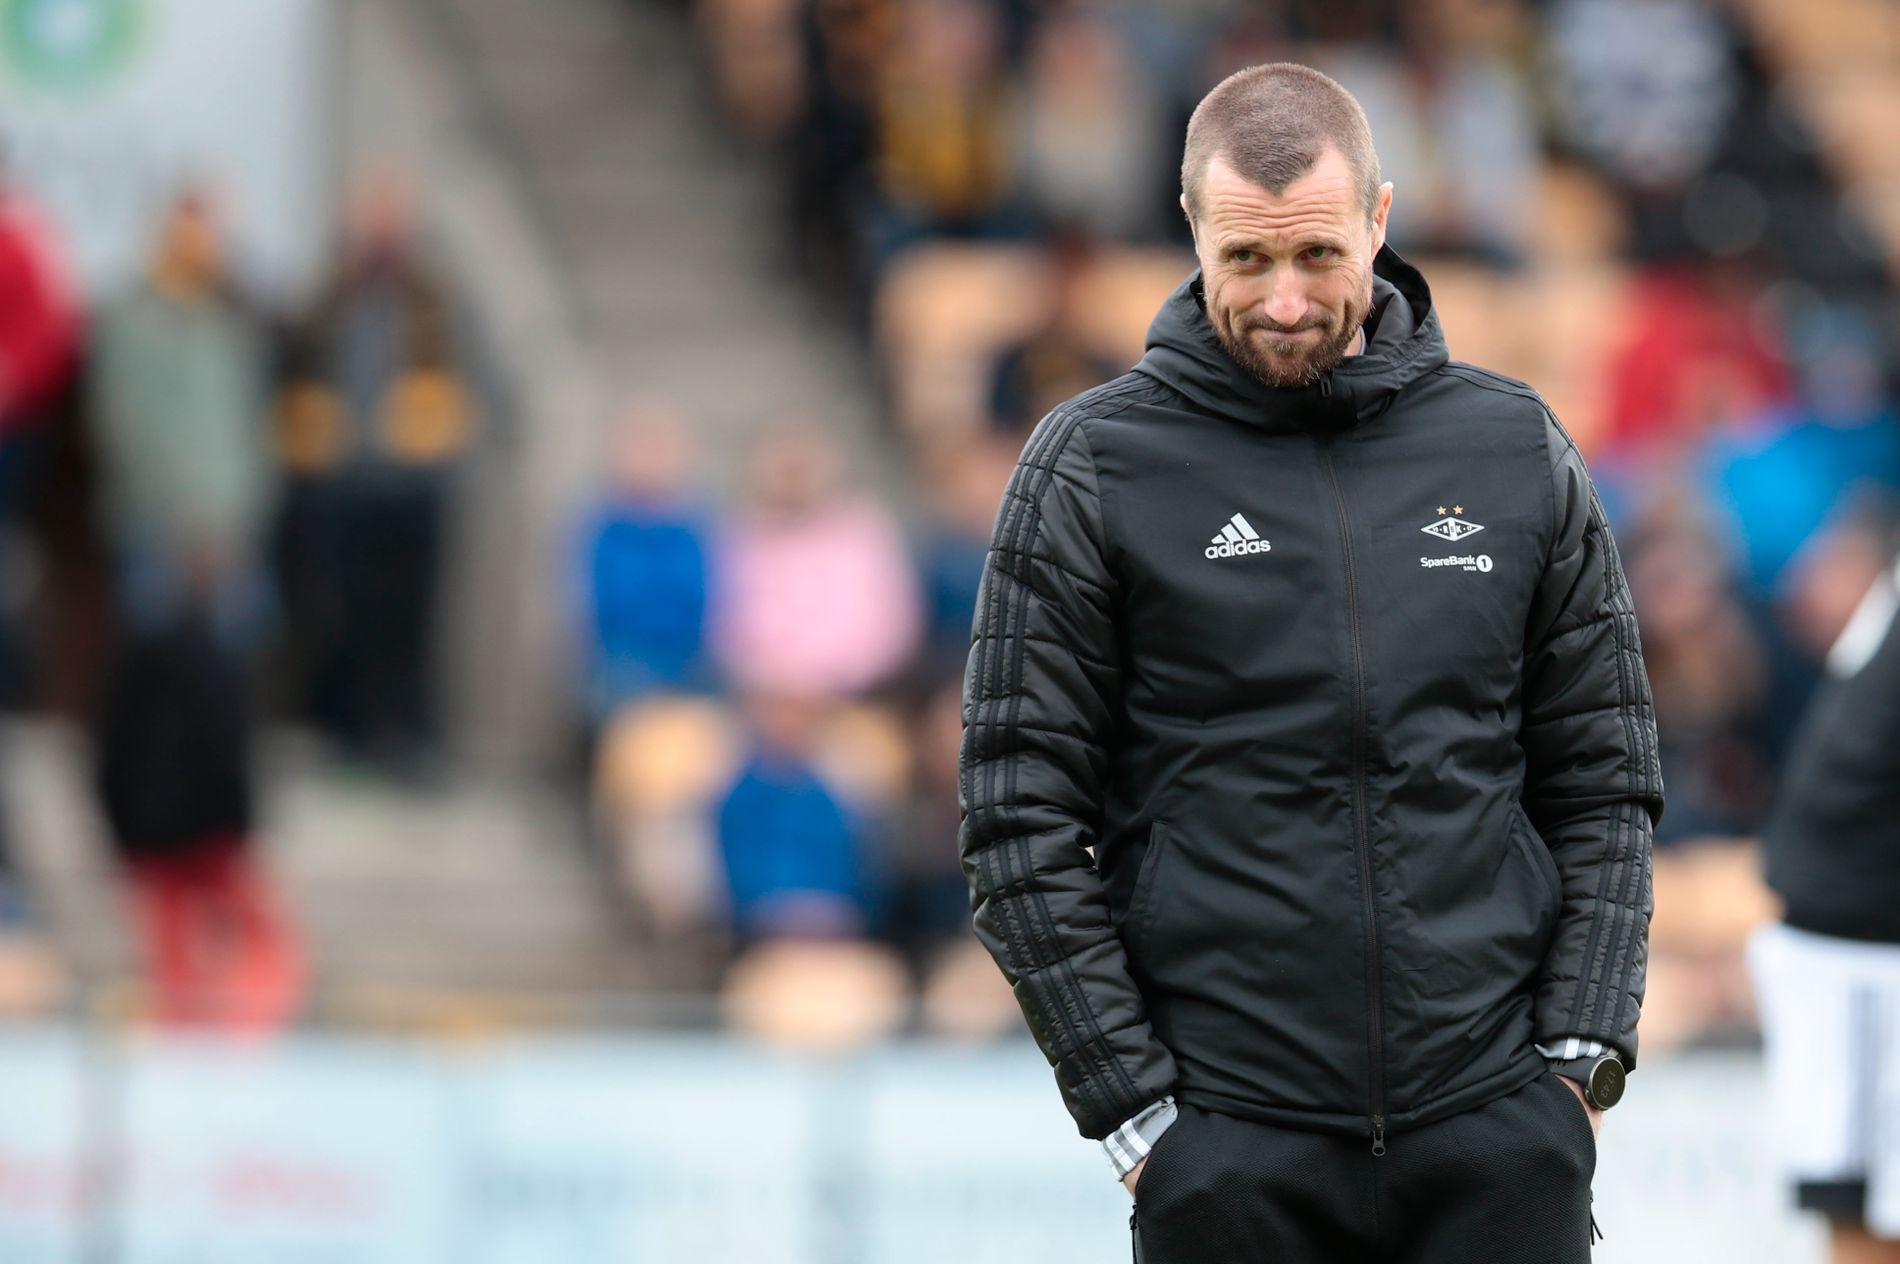 MELLOMFORNØYD: RBK-trener Eirik Horneland etter 1–1 mot Lillestrøm.